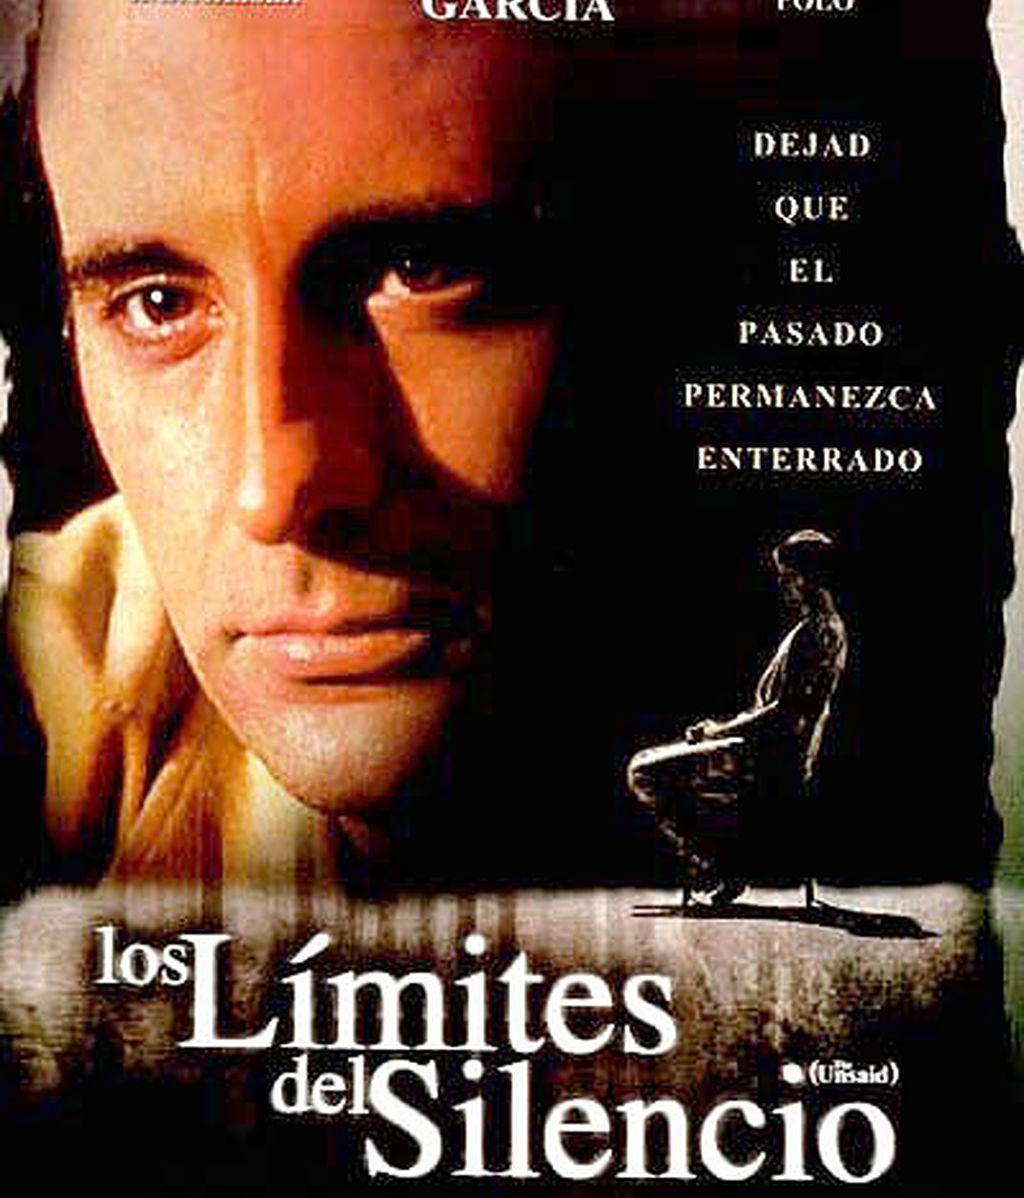 Los límites del silencio (2001)